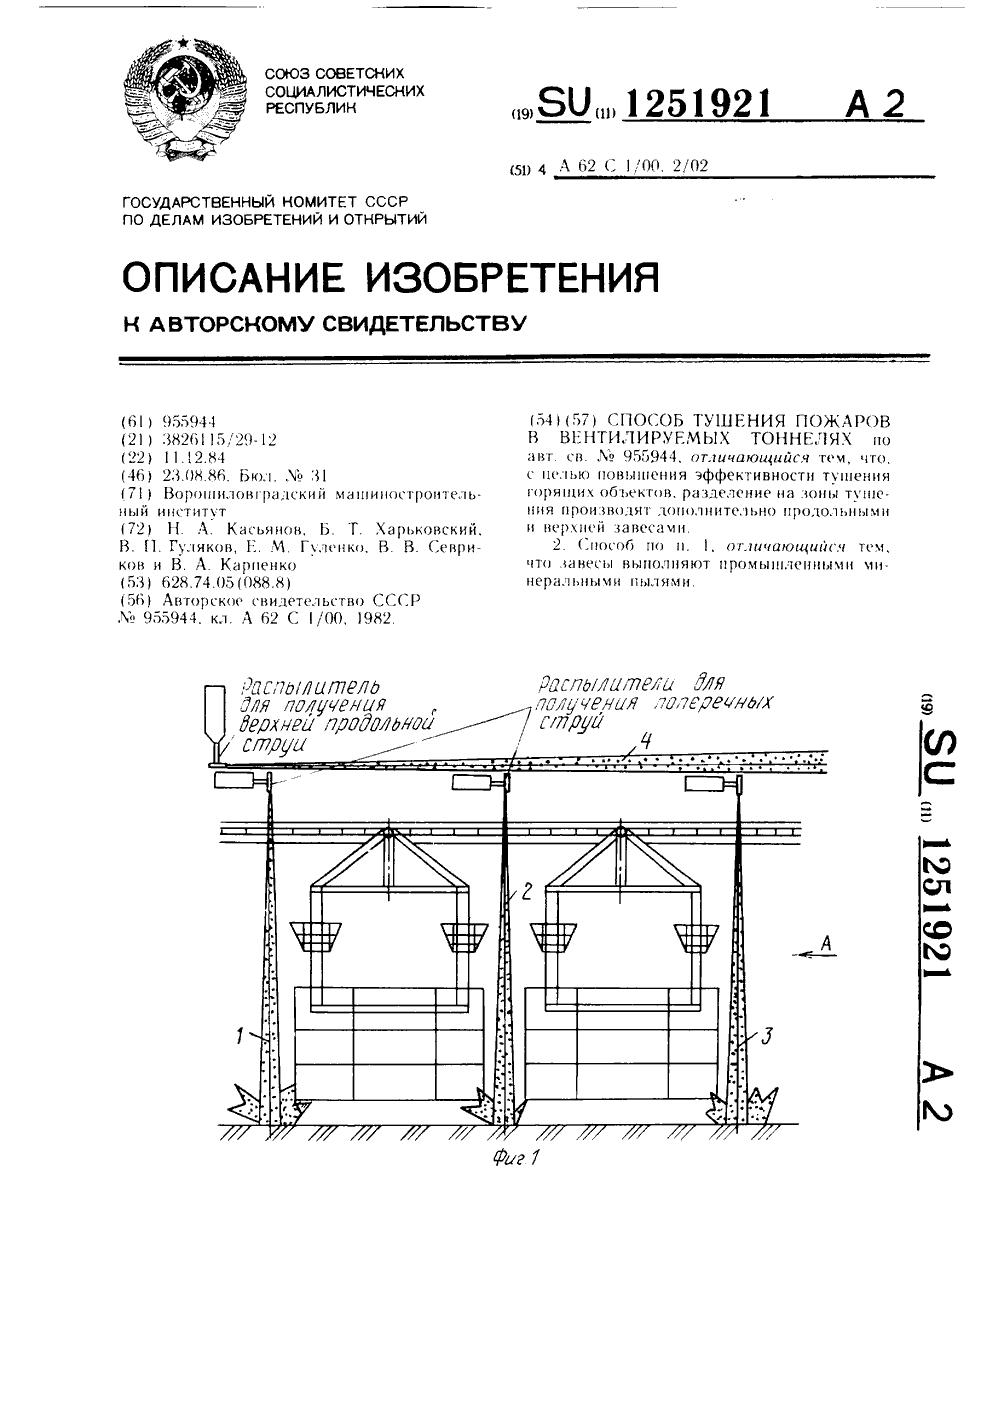 режим полимеризации фторакса схема